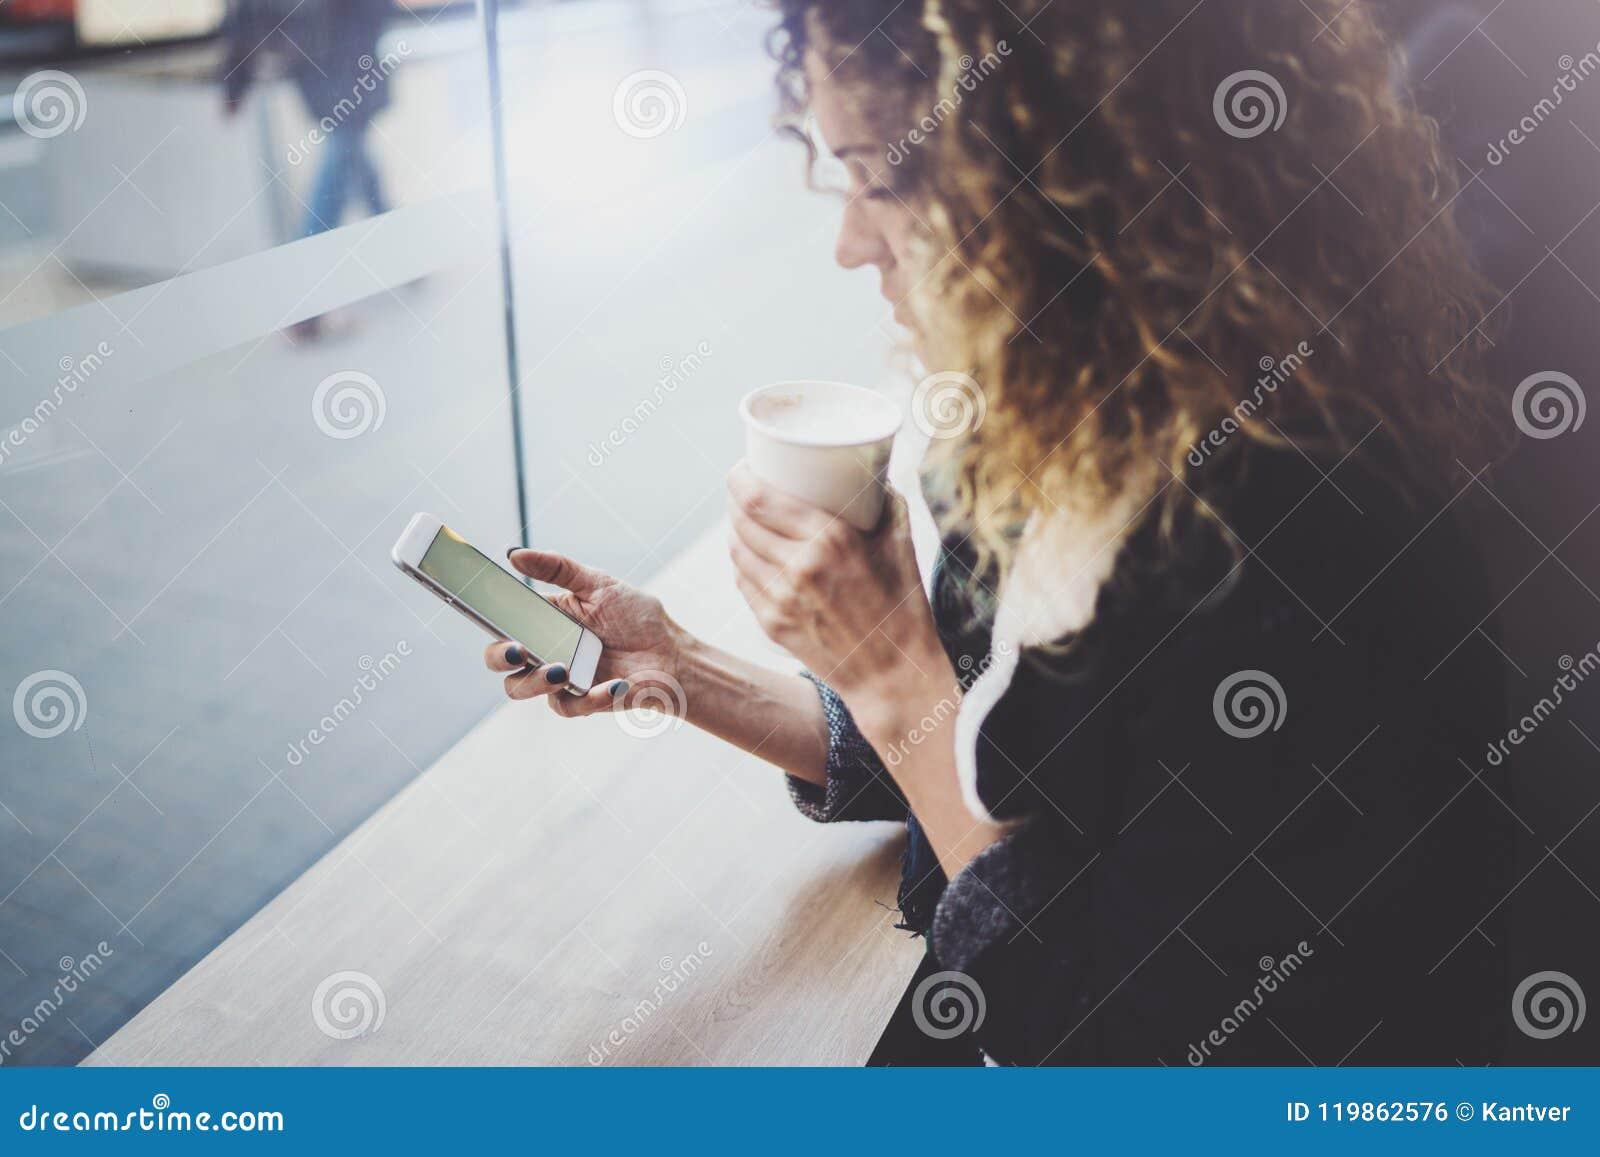 Charmante vrouw met mooie glimlach die mobiele telefoon met behulp van tijdens rust in koffiewinkel Vage achtergrond